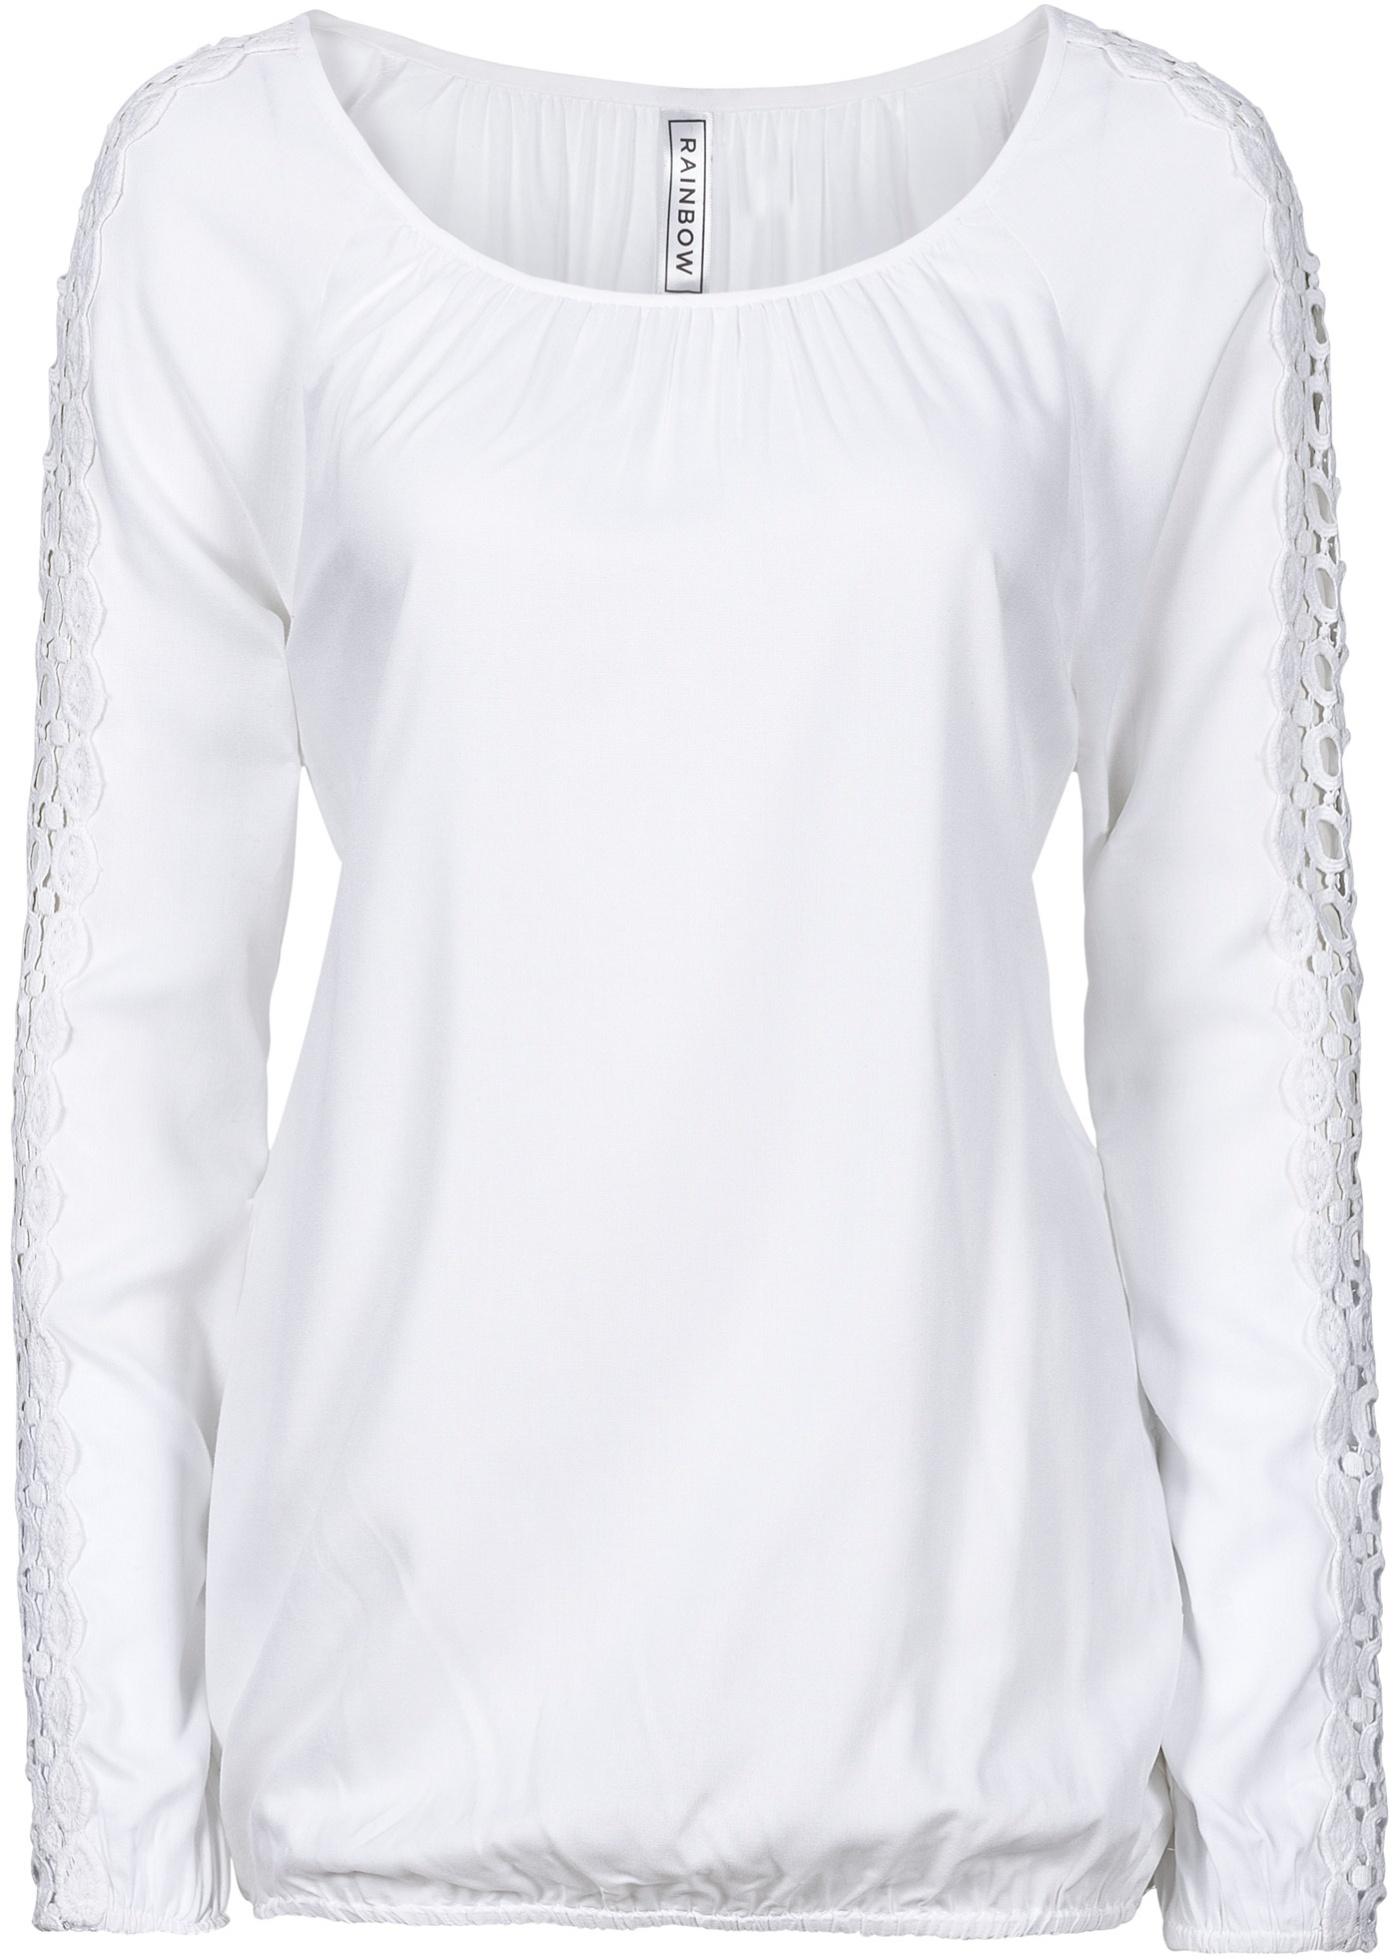 Bata com detalhes de crochê branca manga longa com decote redondo